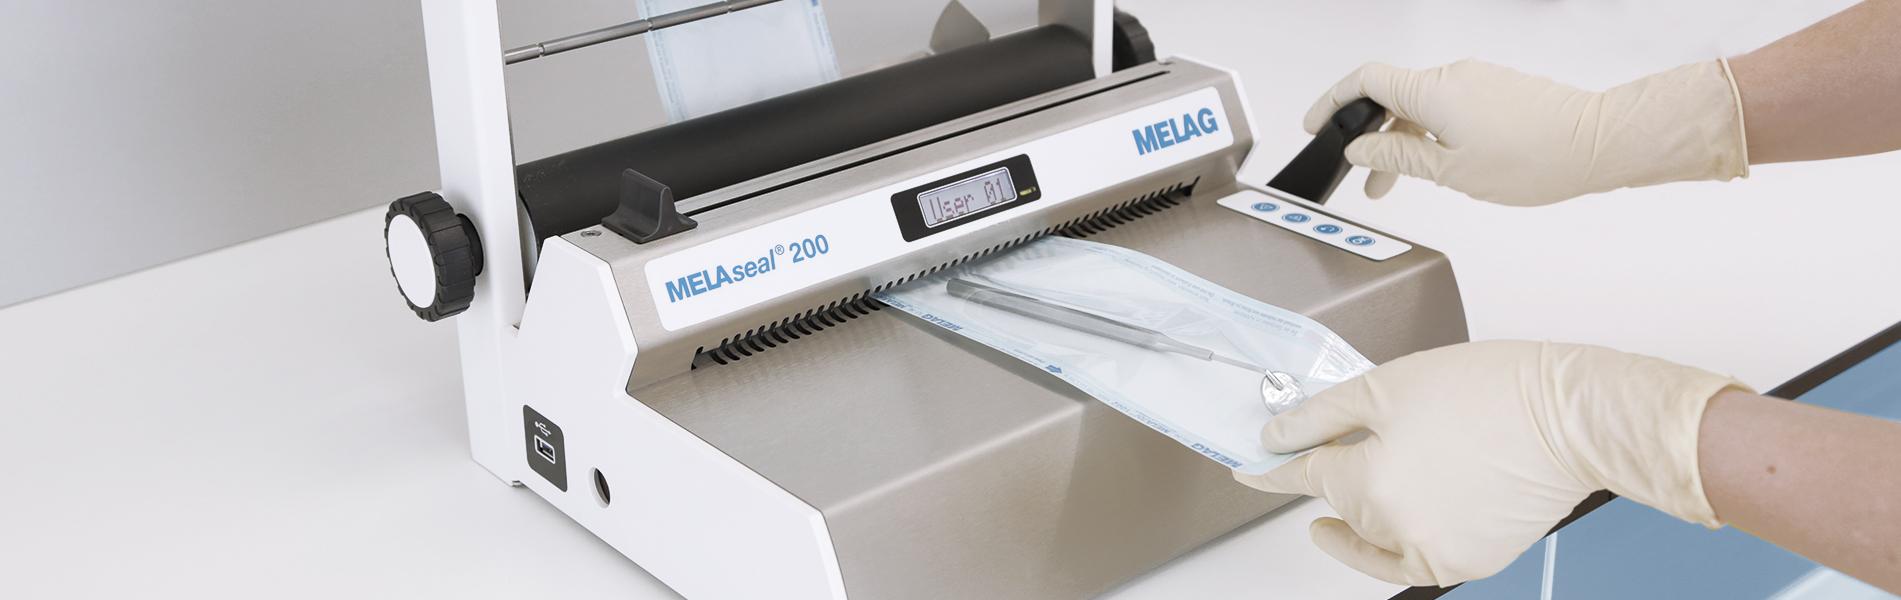 Mesin penyegelan MELAseal 200